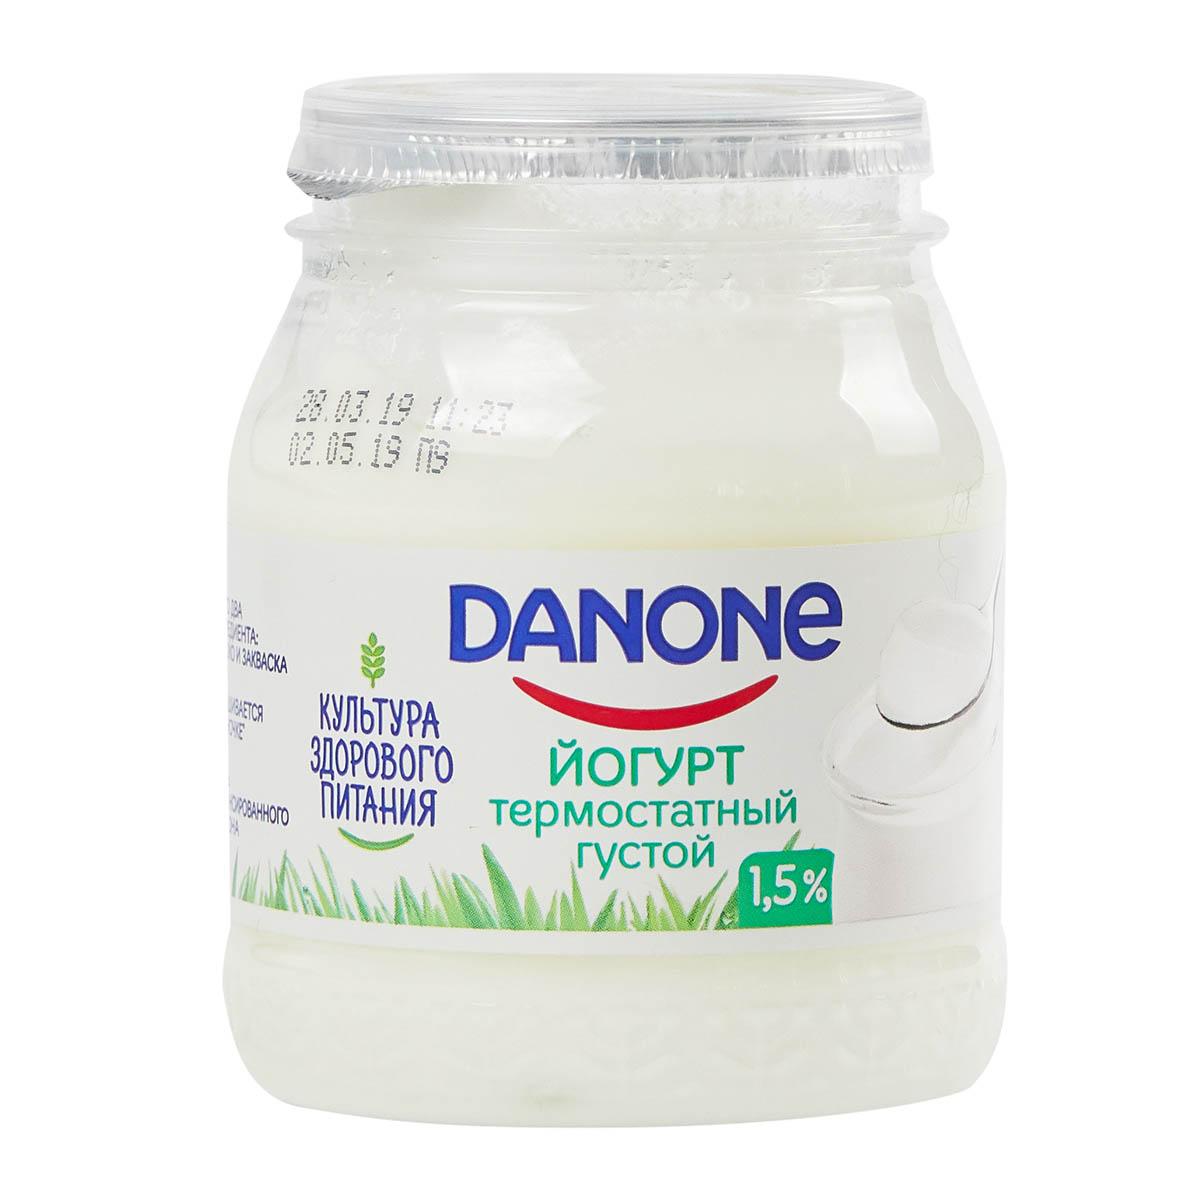 Danone 1,5% термостатный